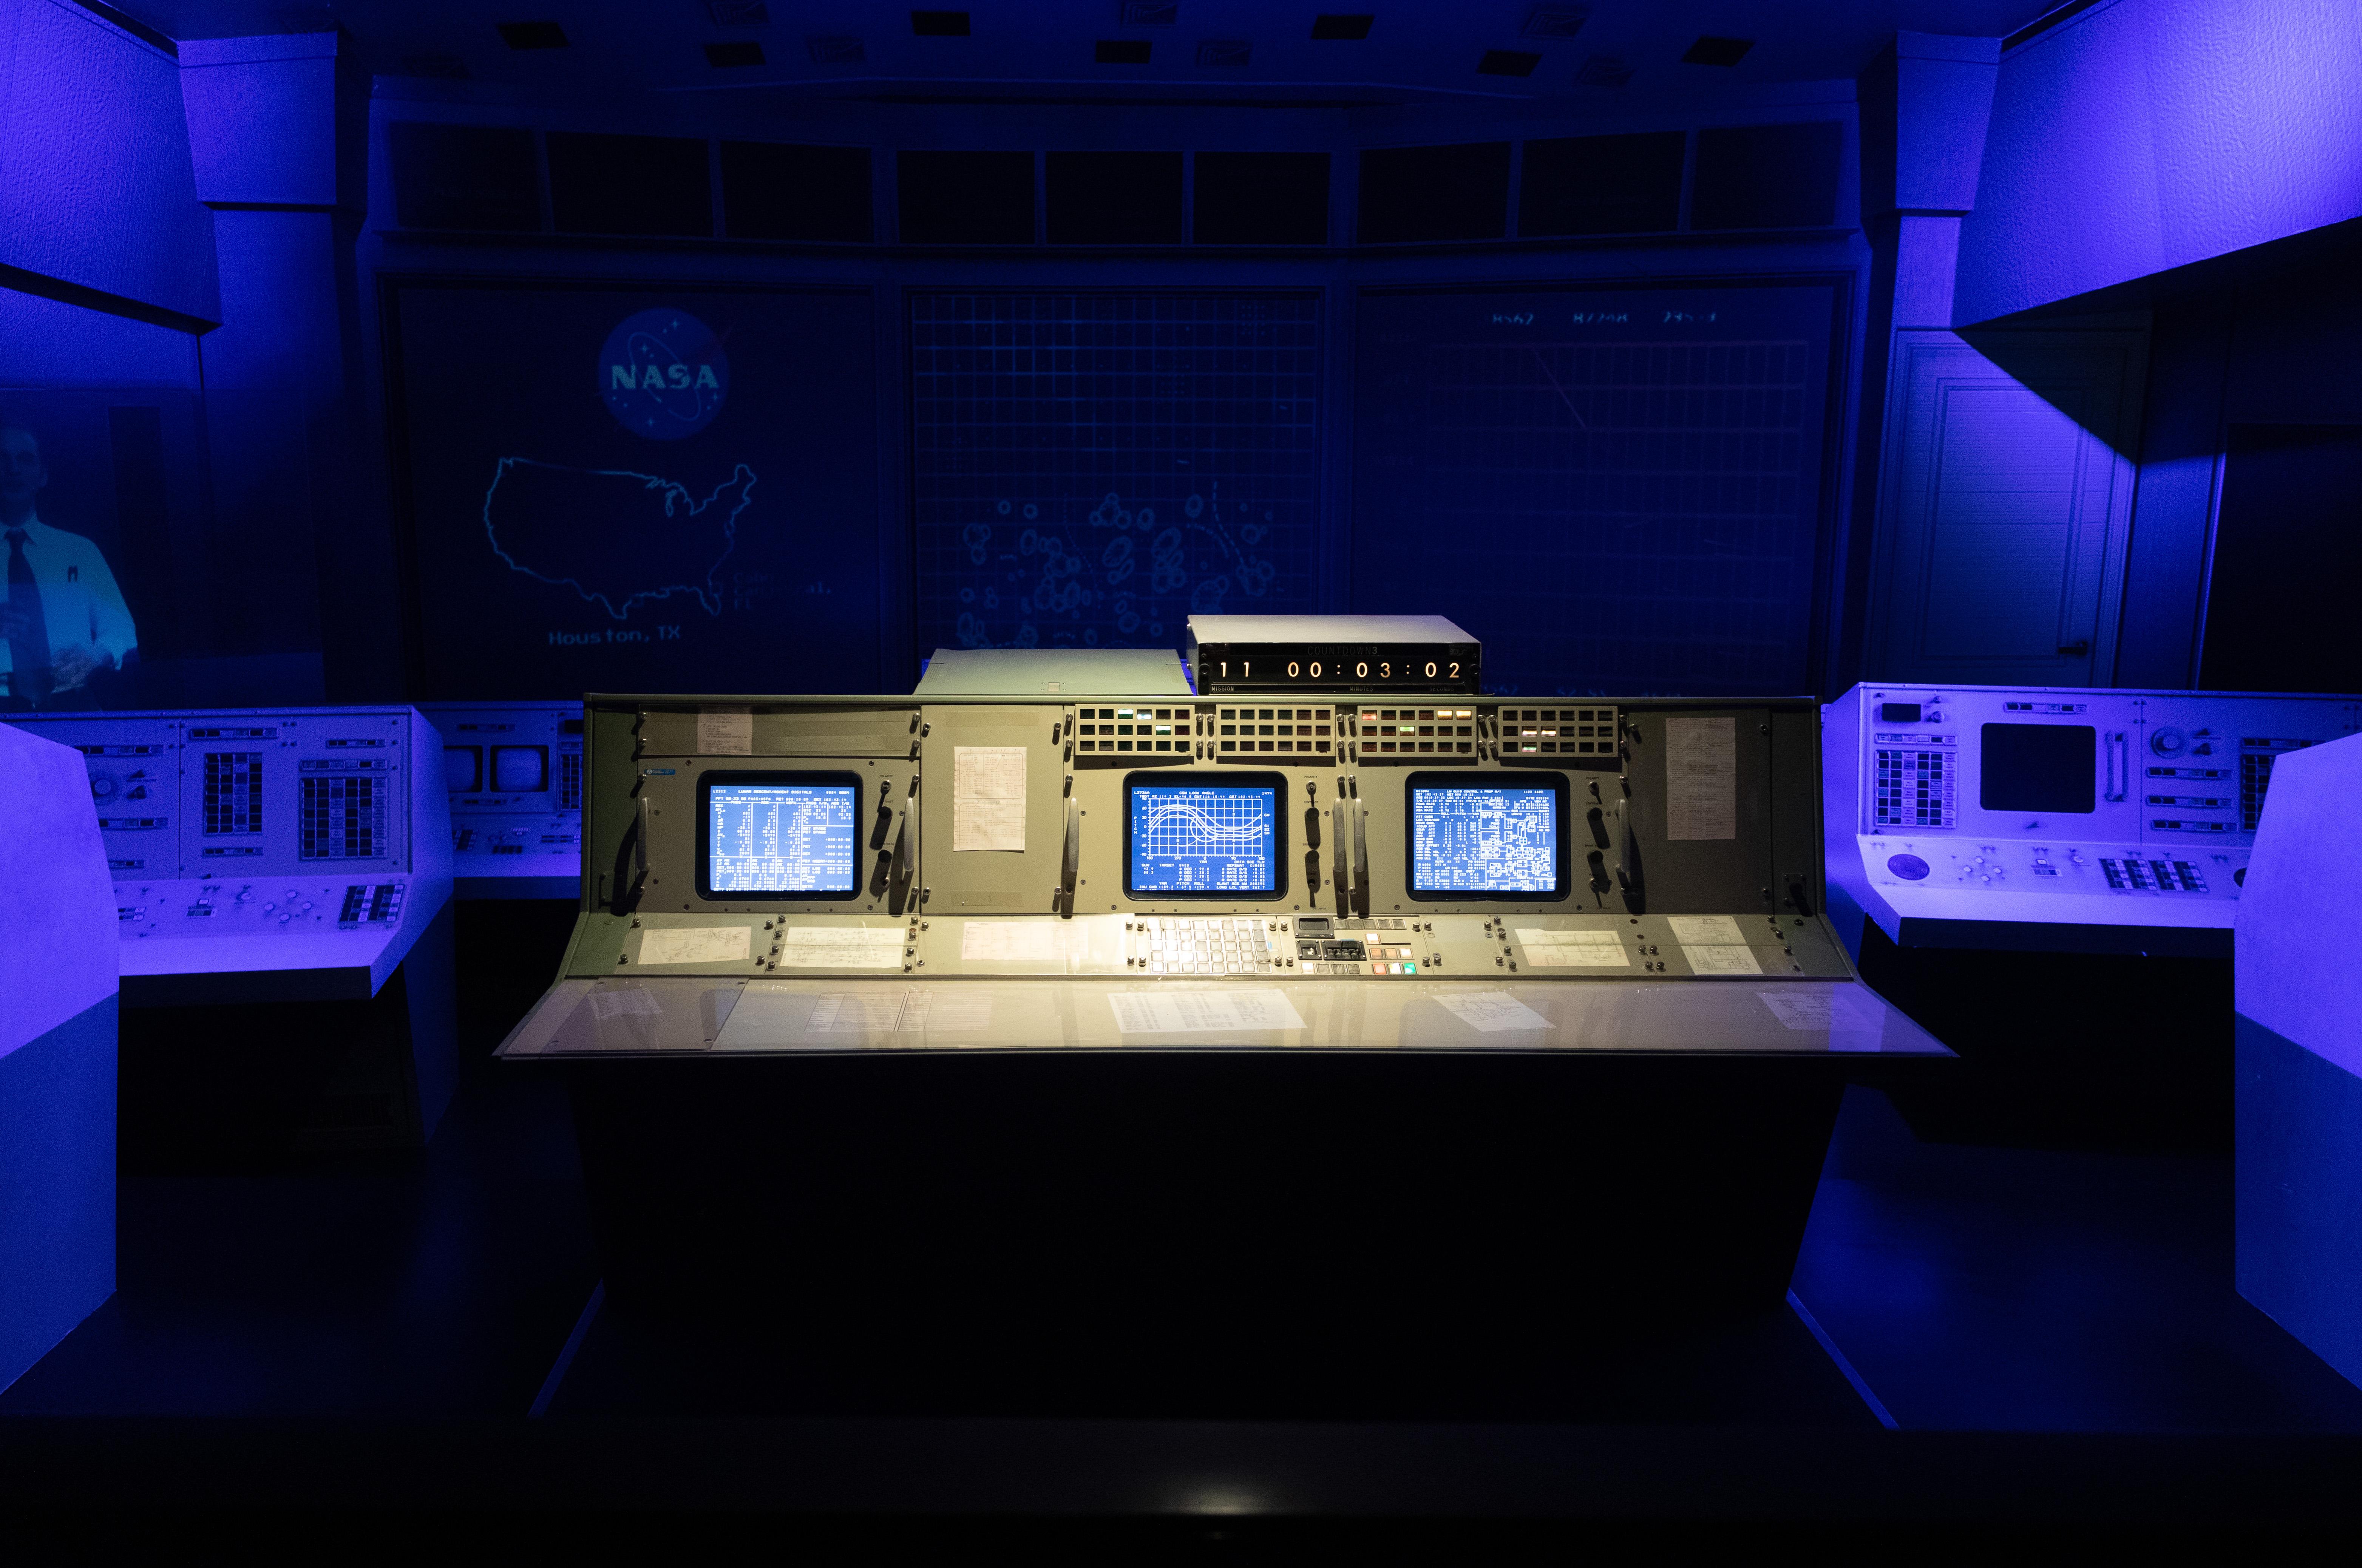 Painel de controle de missão espacial aparece iluminado em local escuro e azulado.